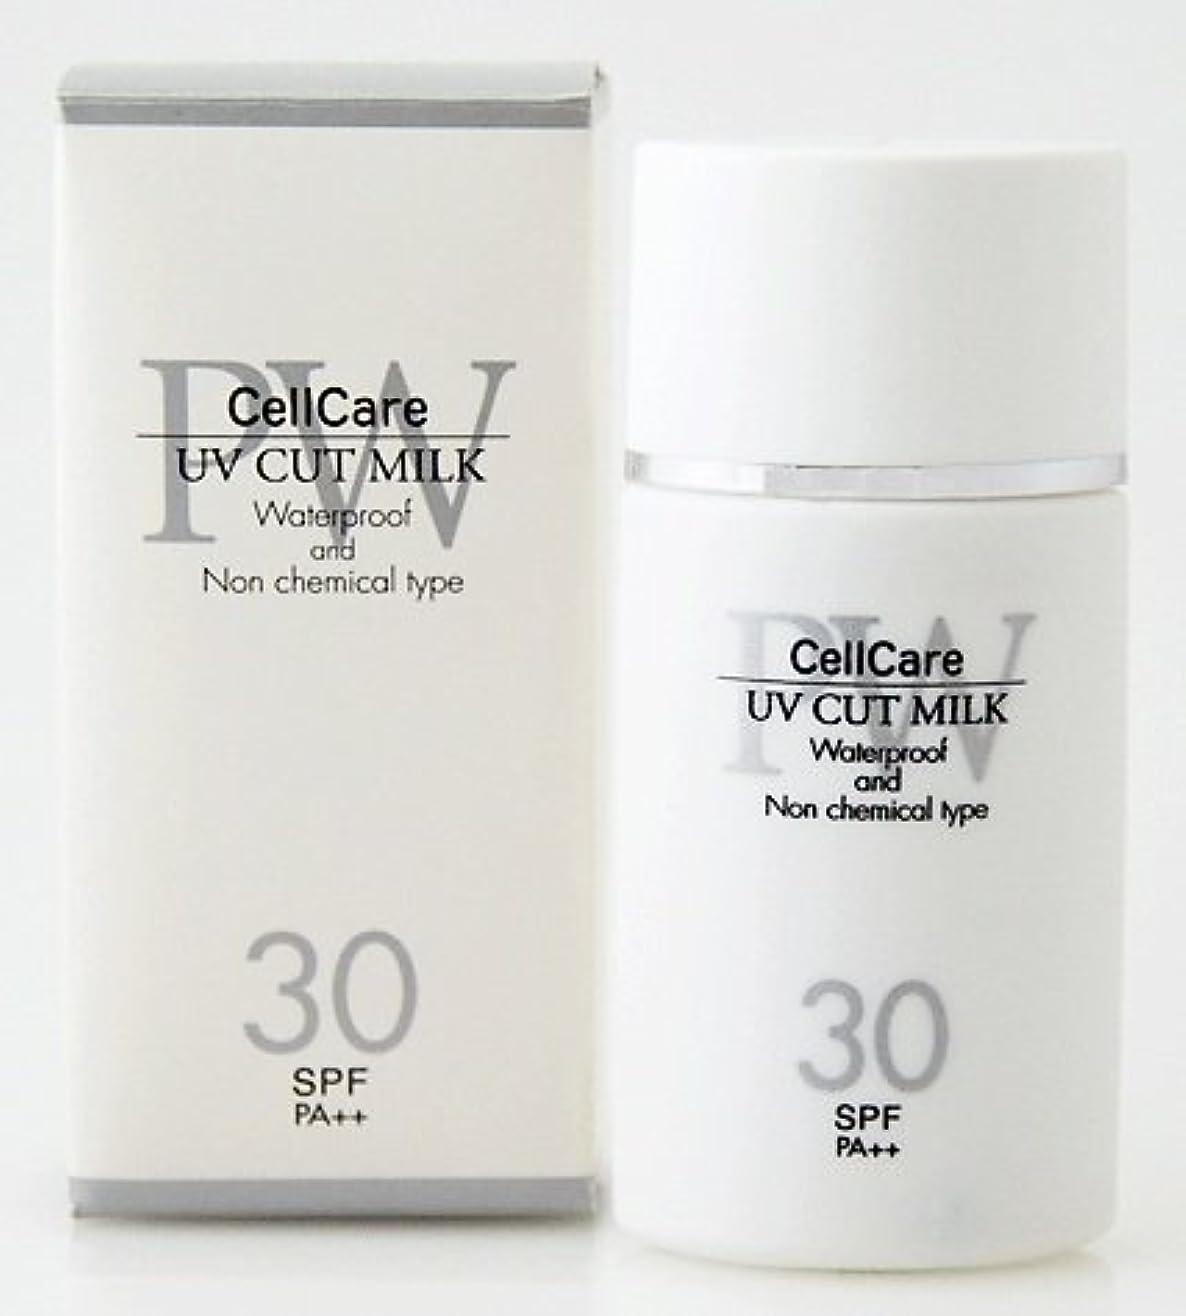 歌詞できない創傷セルケア ピュアホワイト UVカットミルク 30g(日焼け止め乳液) SPF30 PA++ 保湿